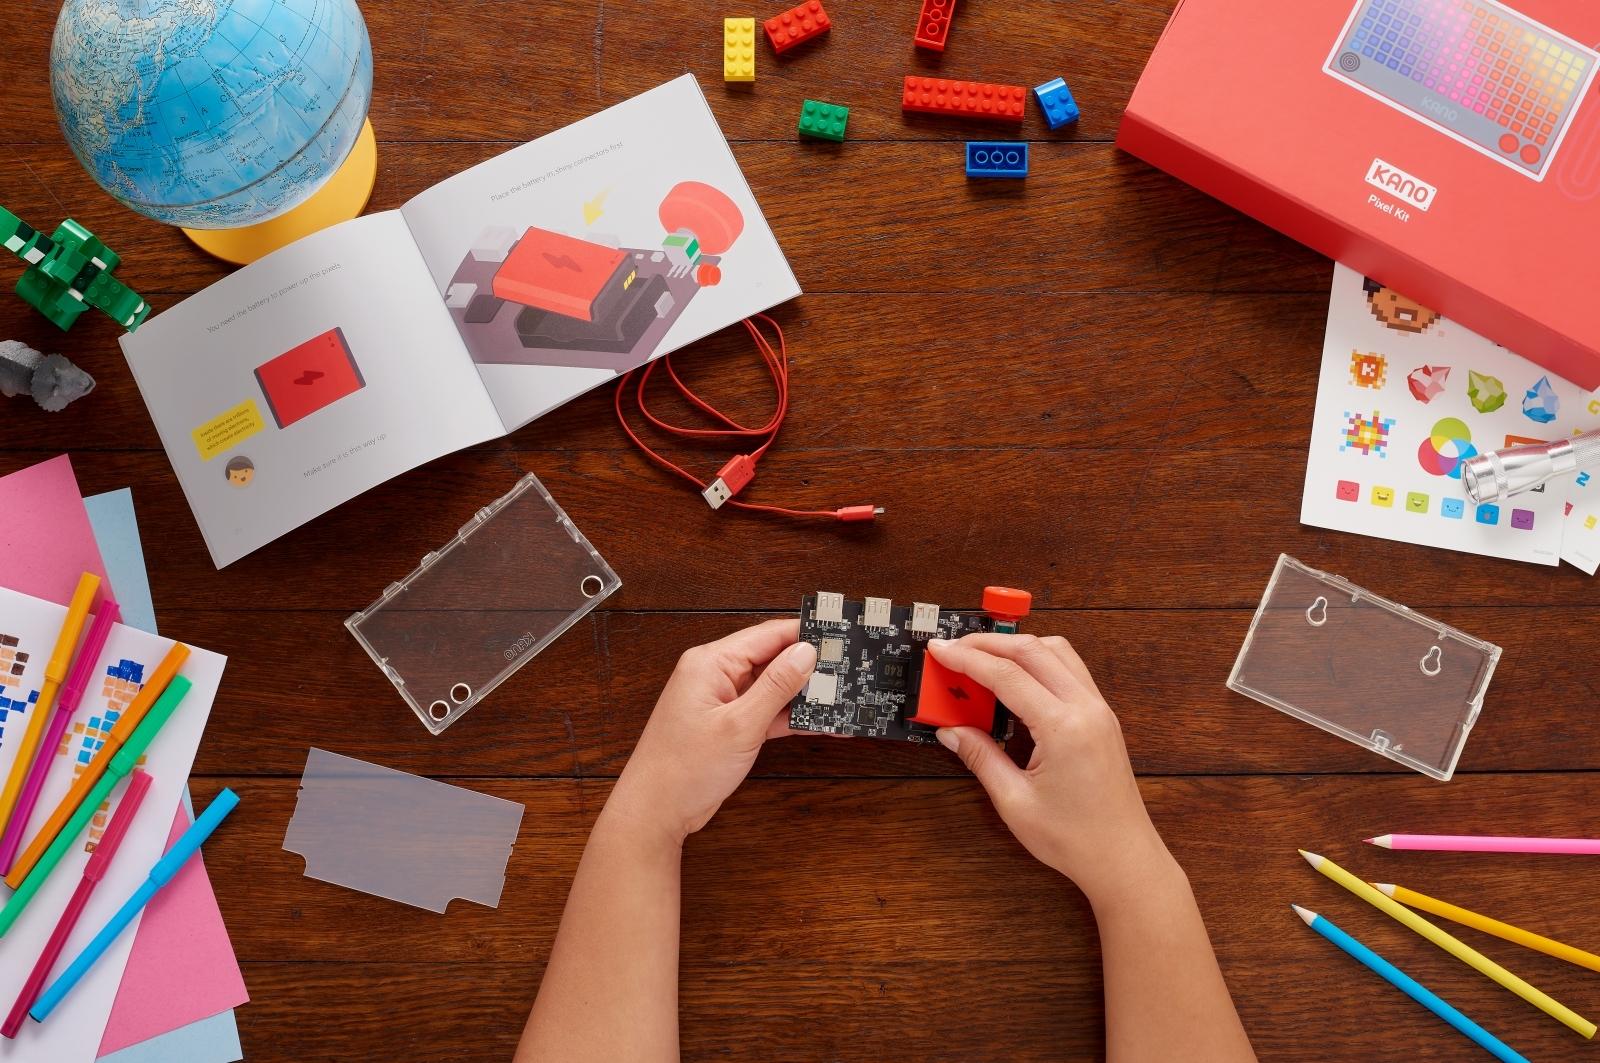 The original Kano DIY computer kit